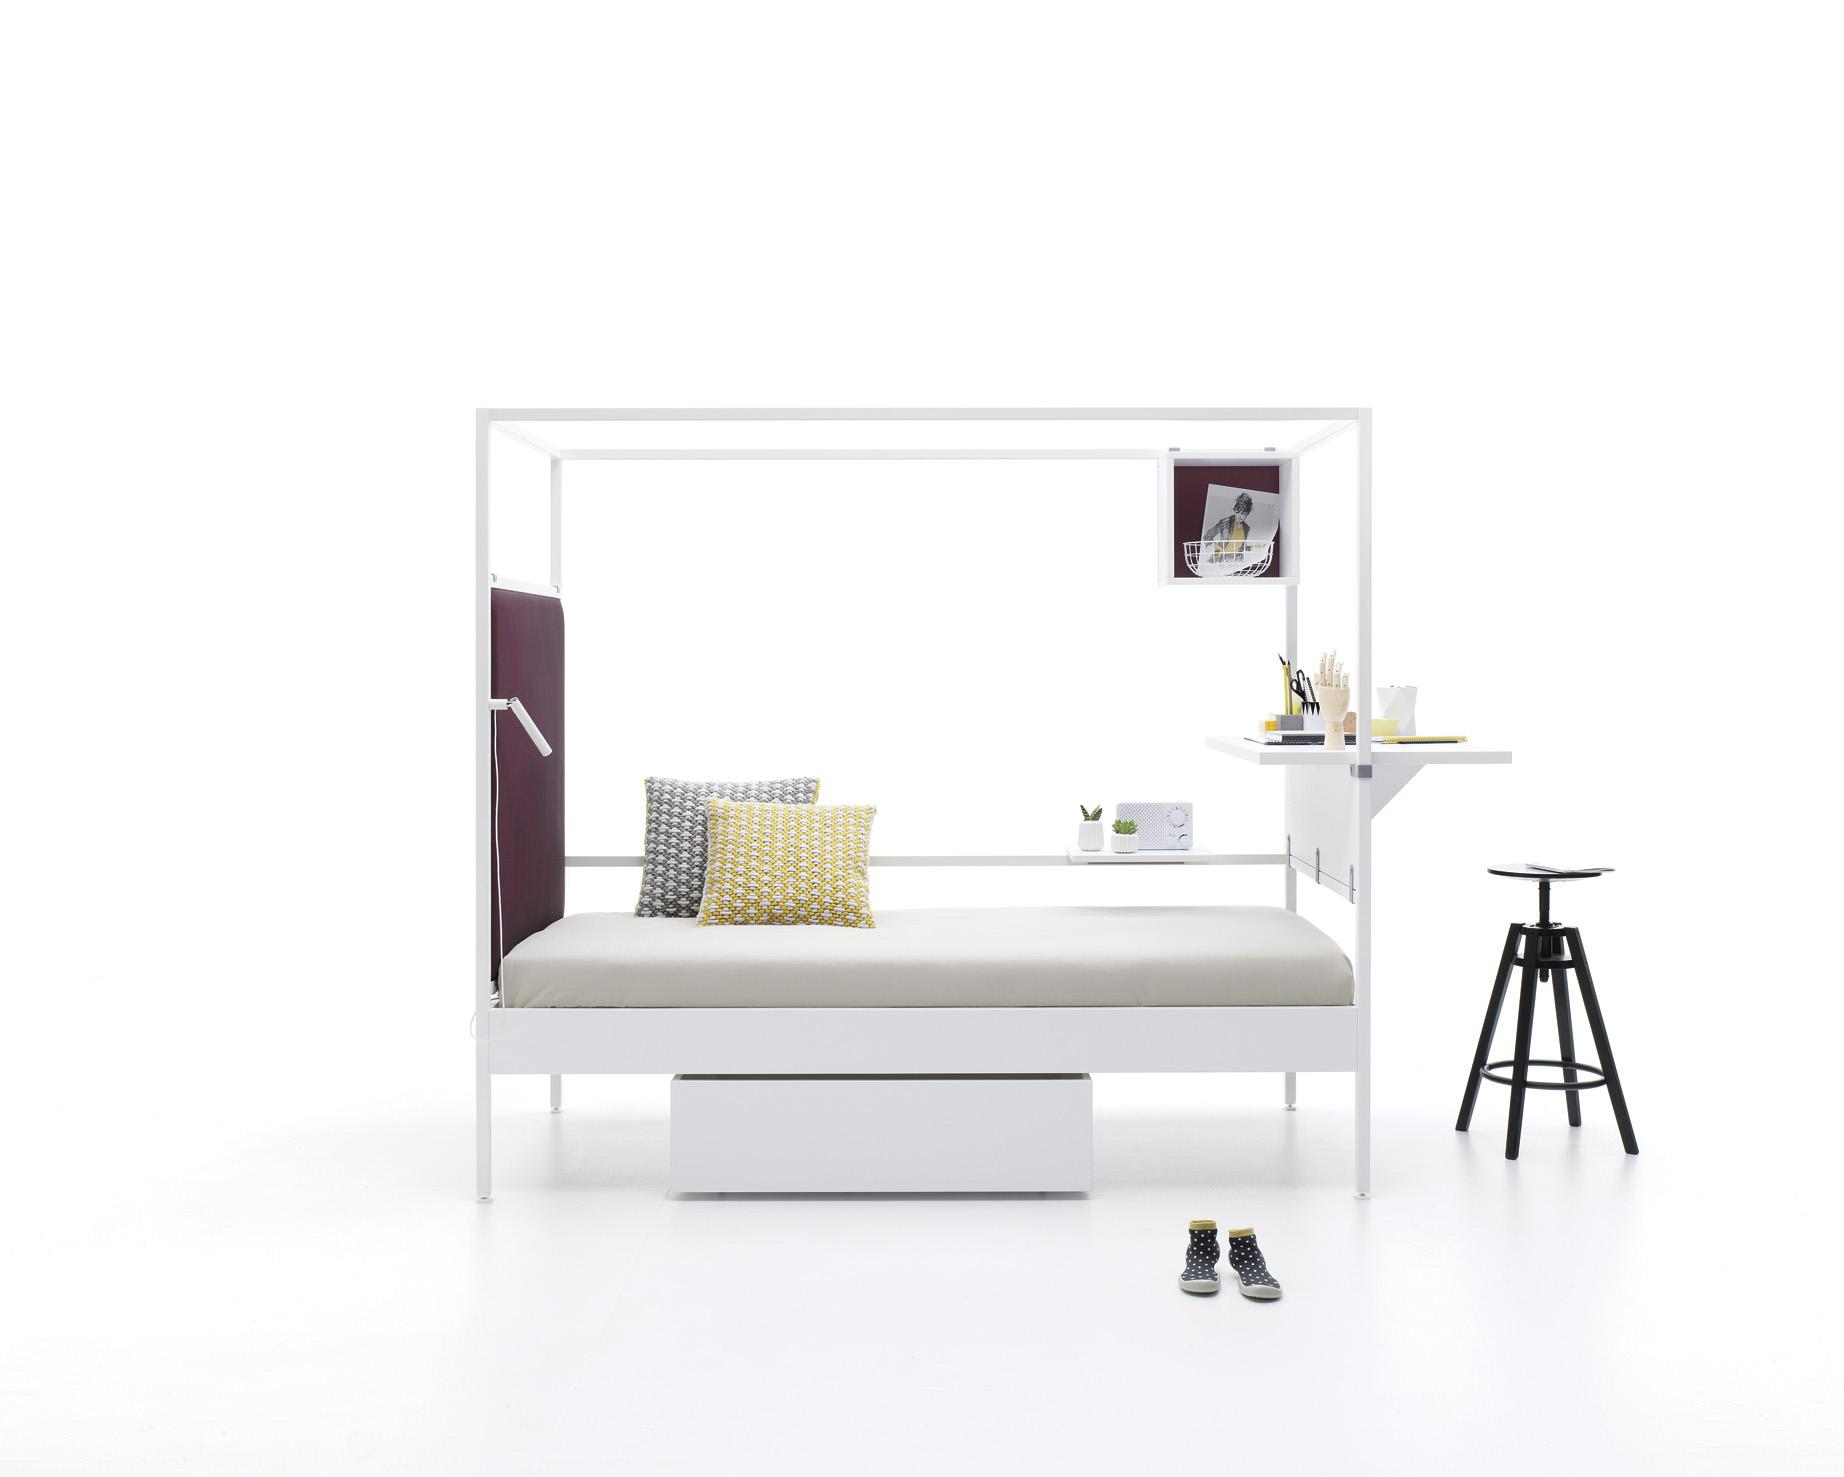 Se crea habitación funcional con la cama Nook